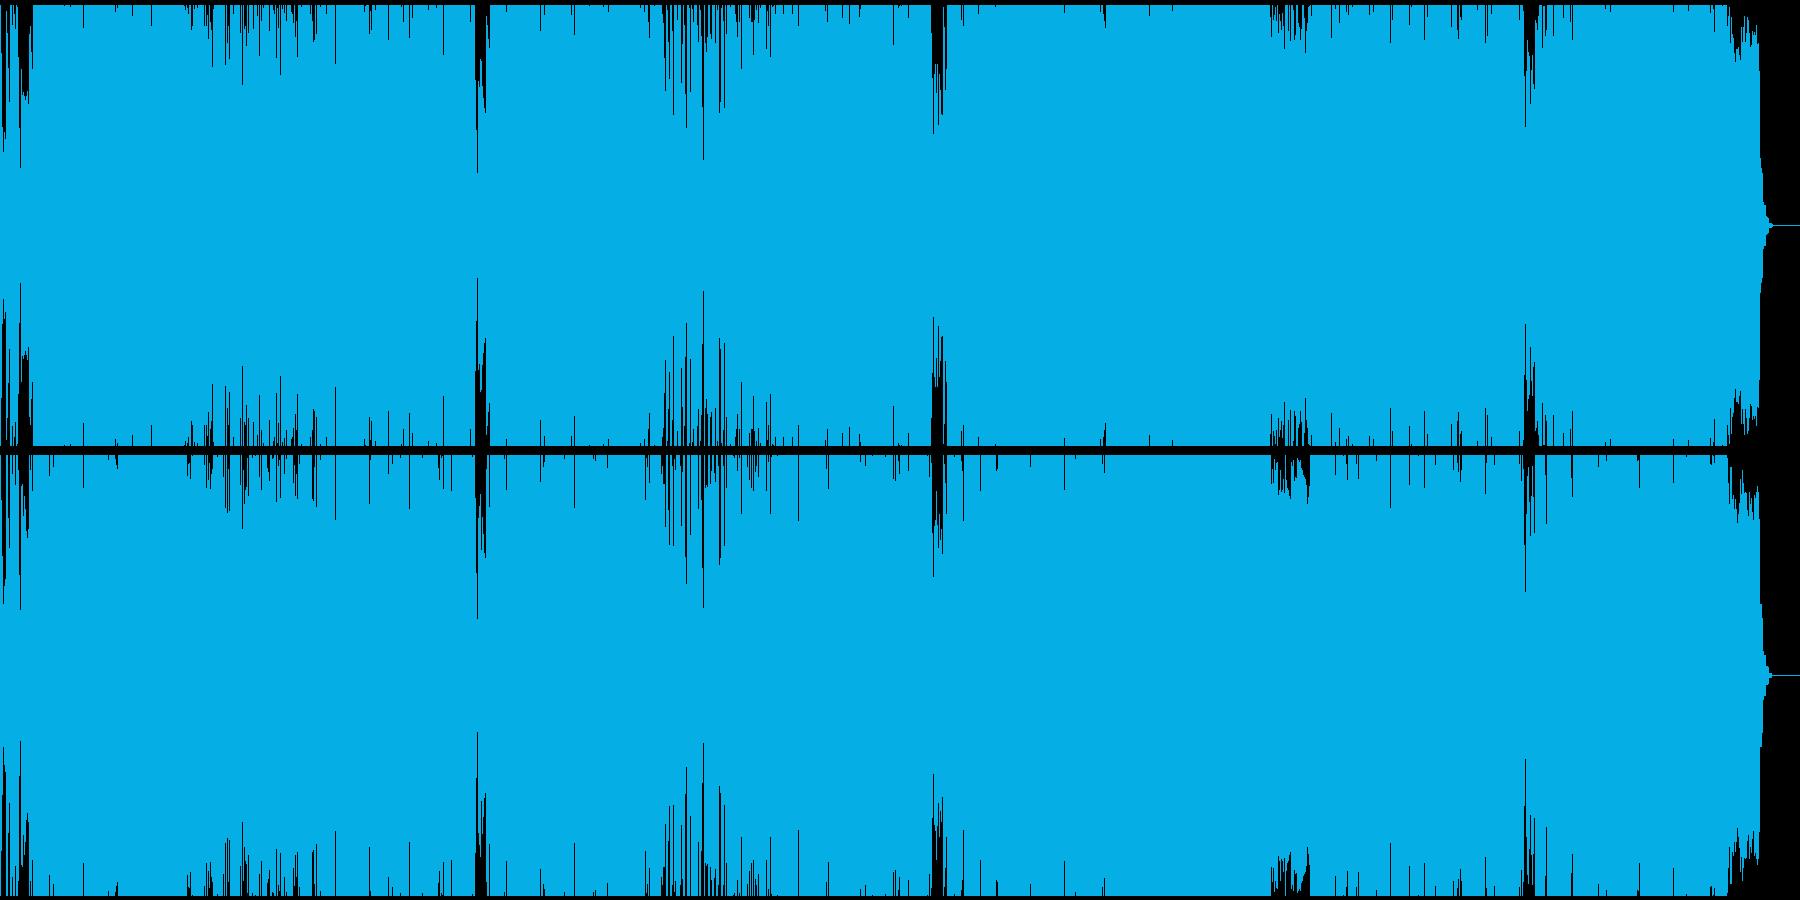 女性ボーカル/テクノポップの再生済みの波形